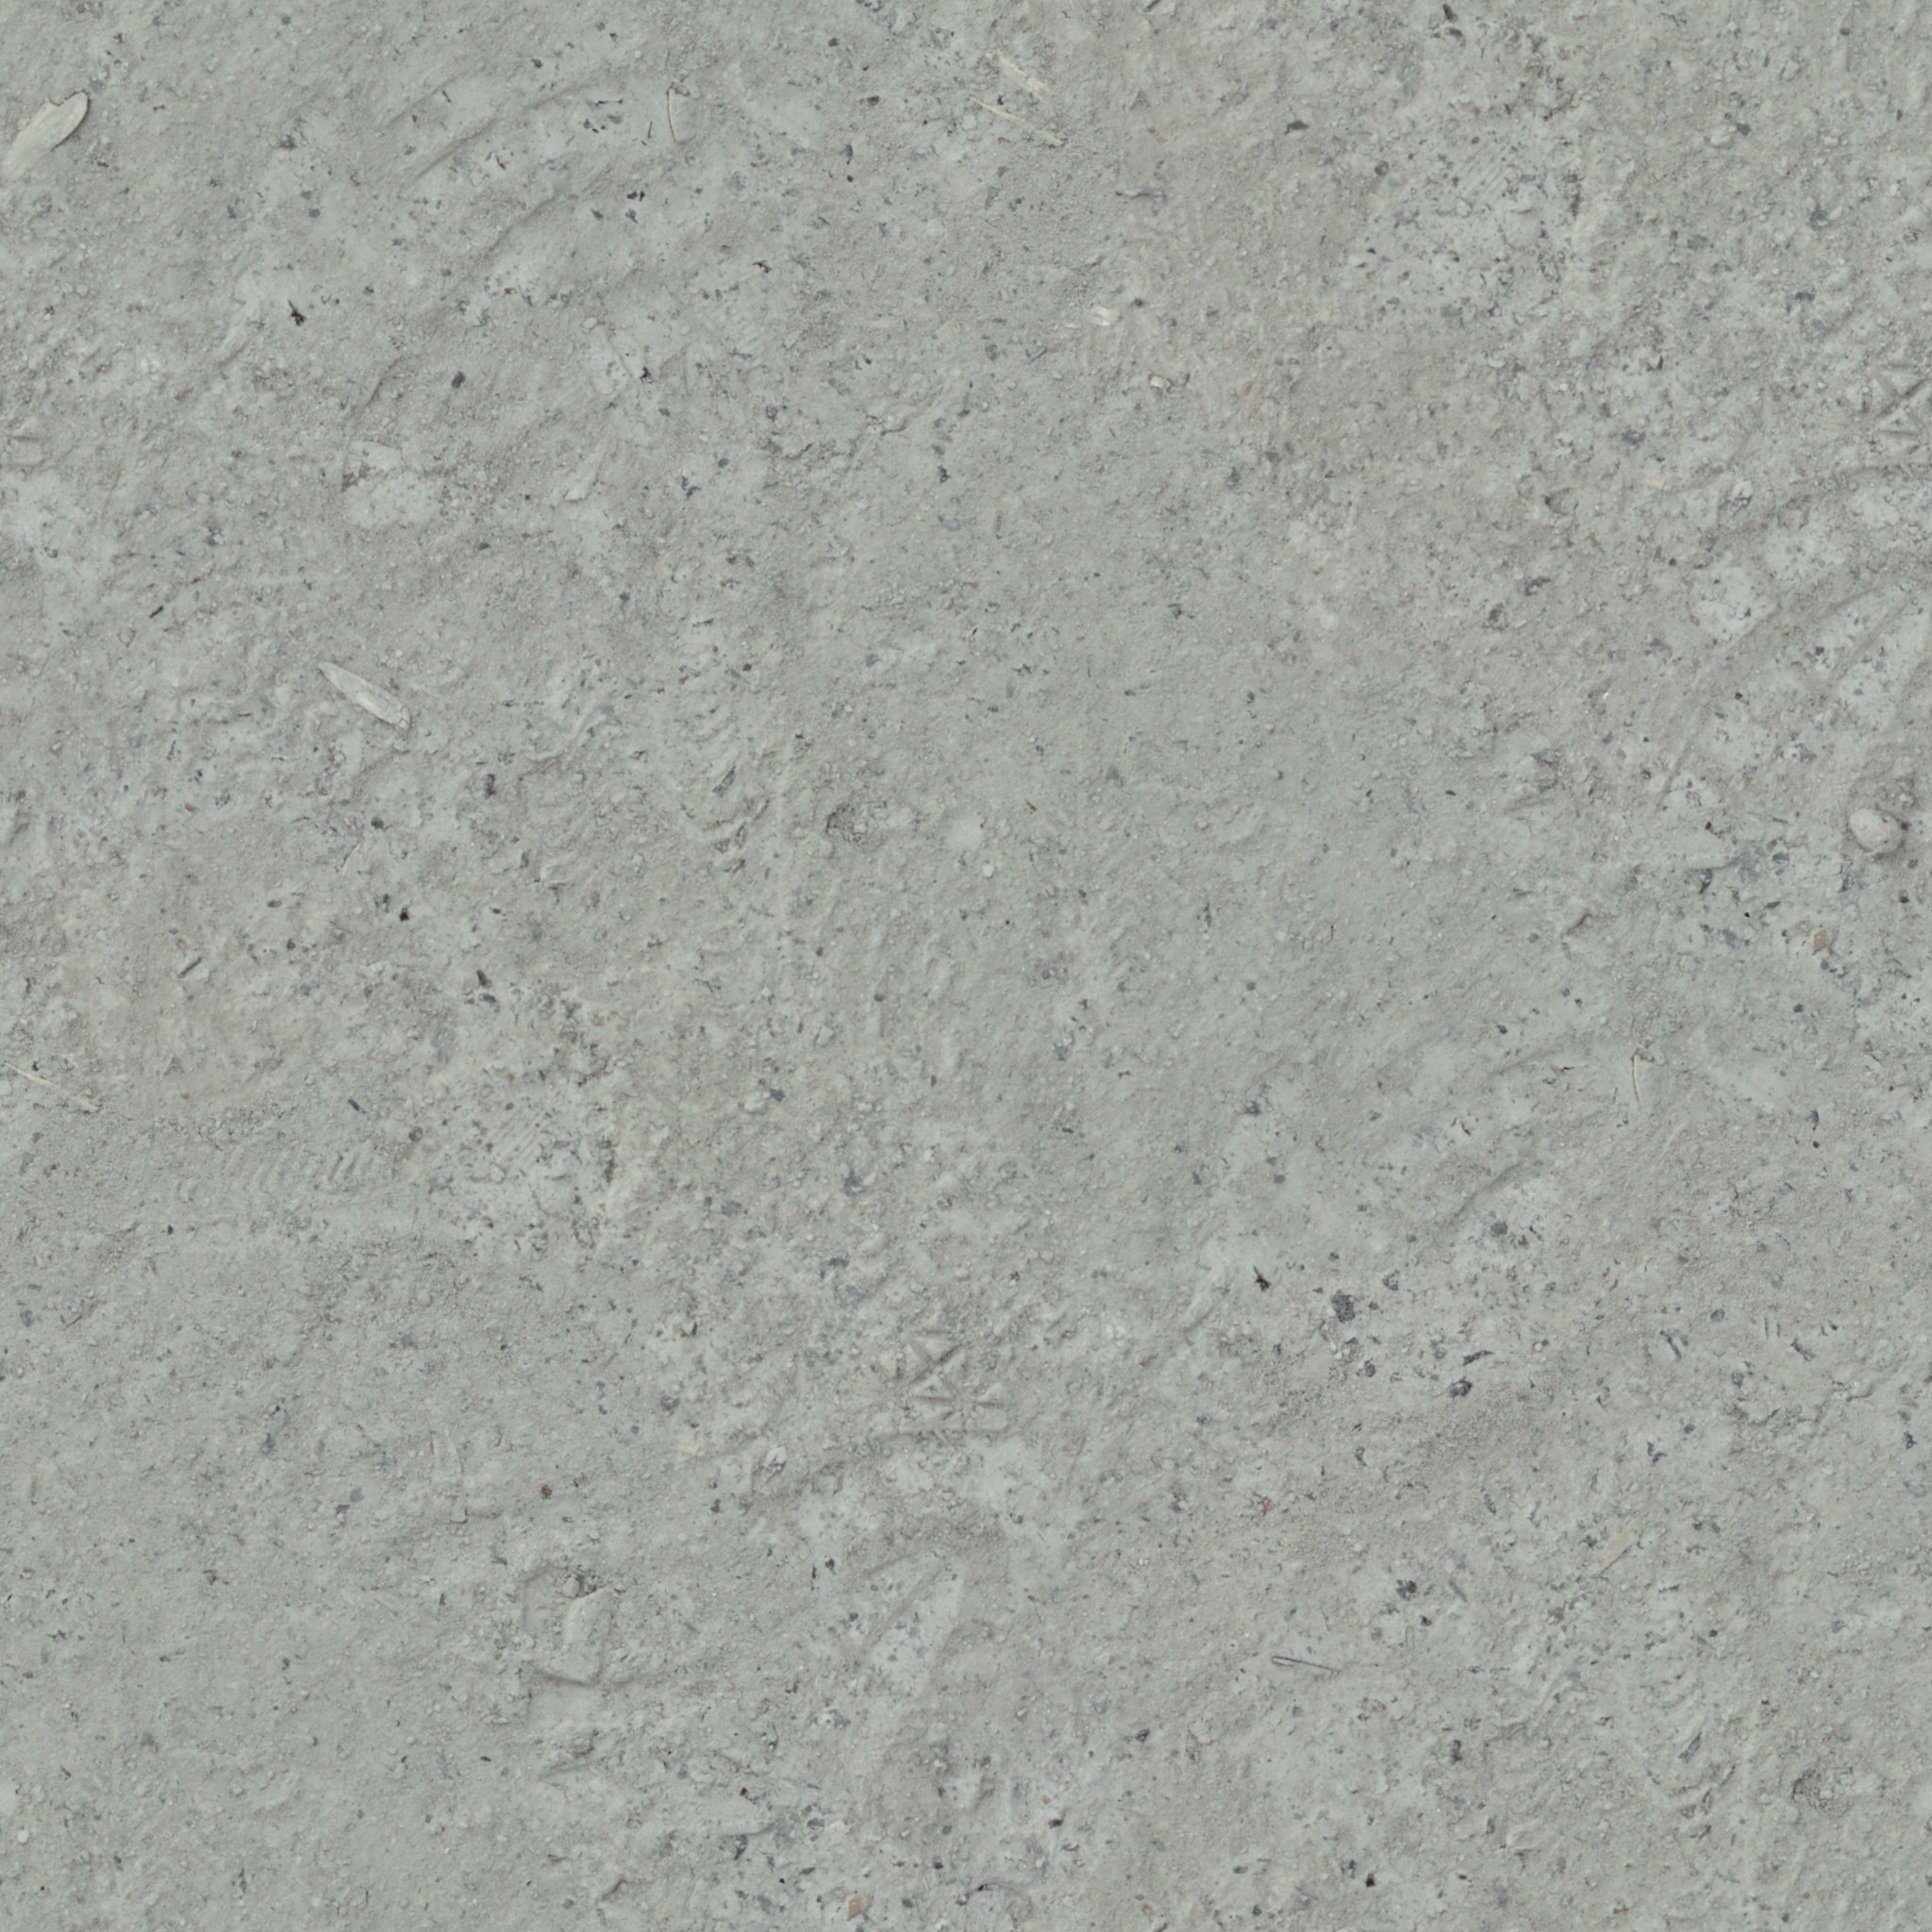 Concrete texture tileable 2048x2048 textures creative for 0 floor